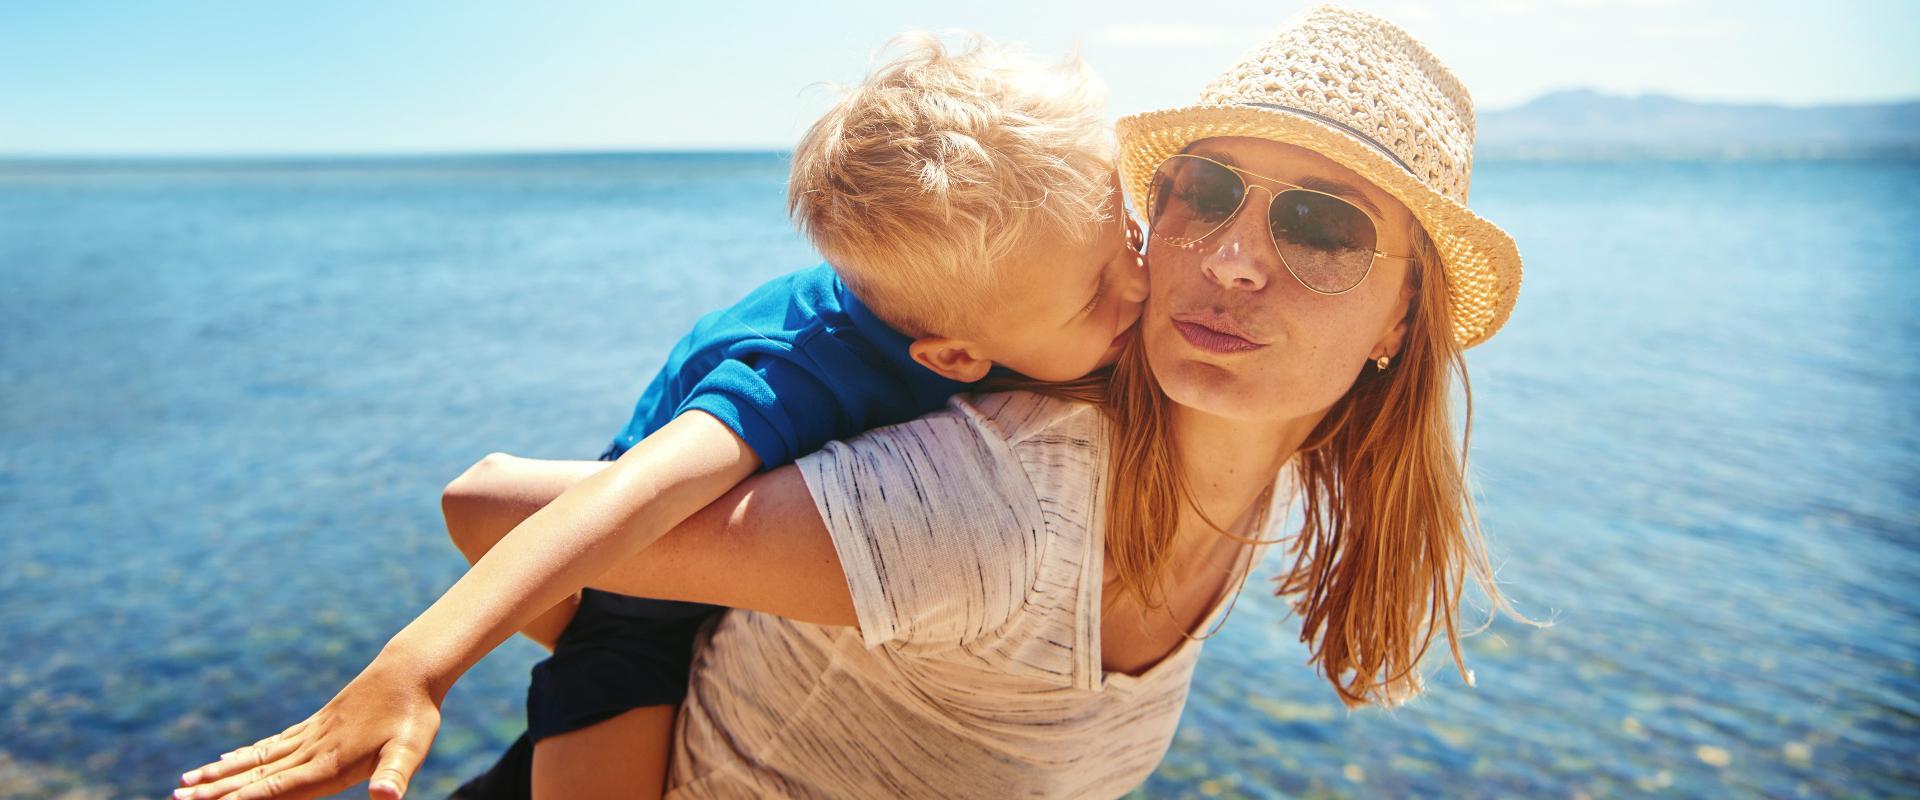 Βρείτε μια επιλογή από πρωτότυπες ιδέες, οικονομικές και ποιοτικλες που θα ικανοποιήσουν όλες τις μητέρες!